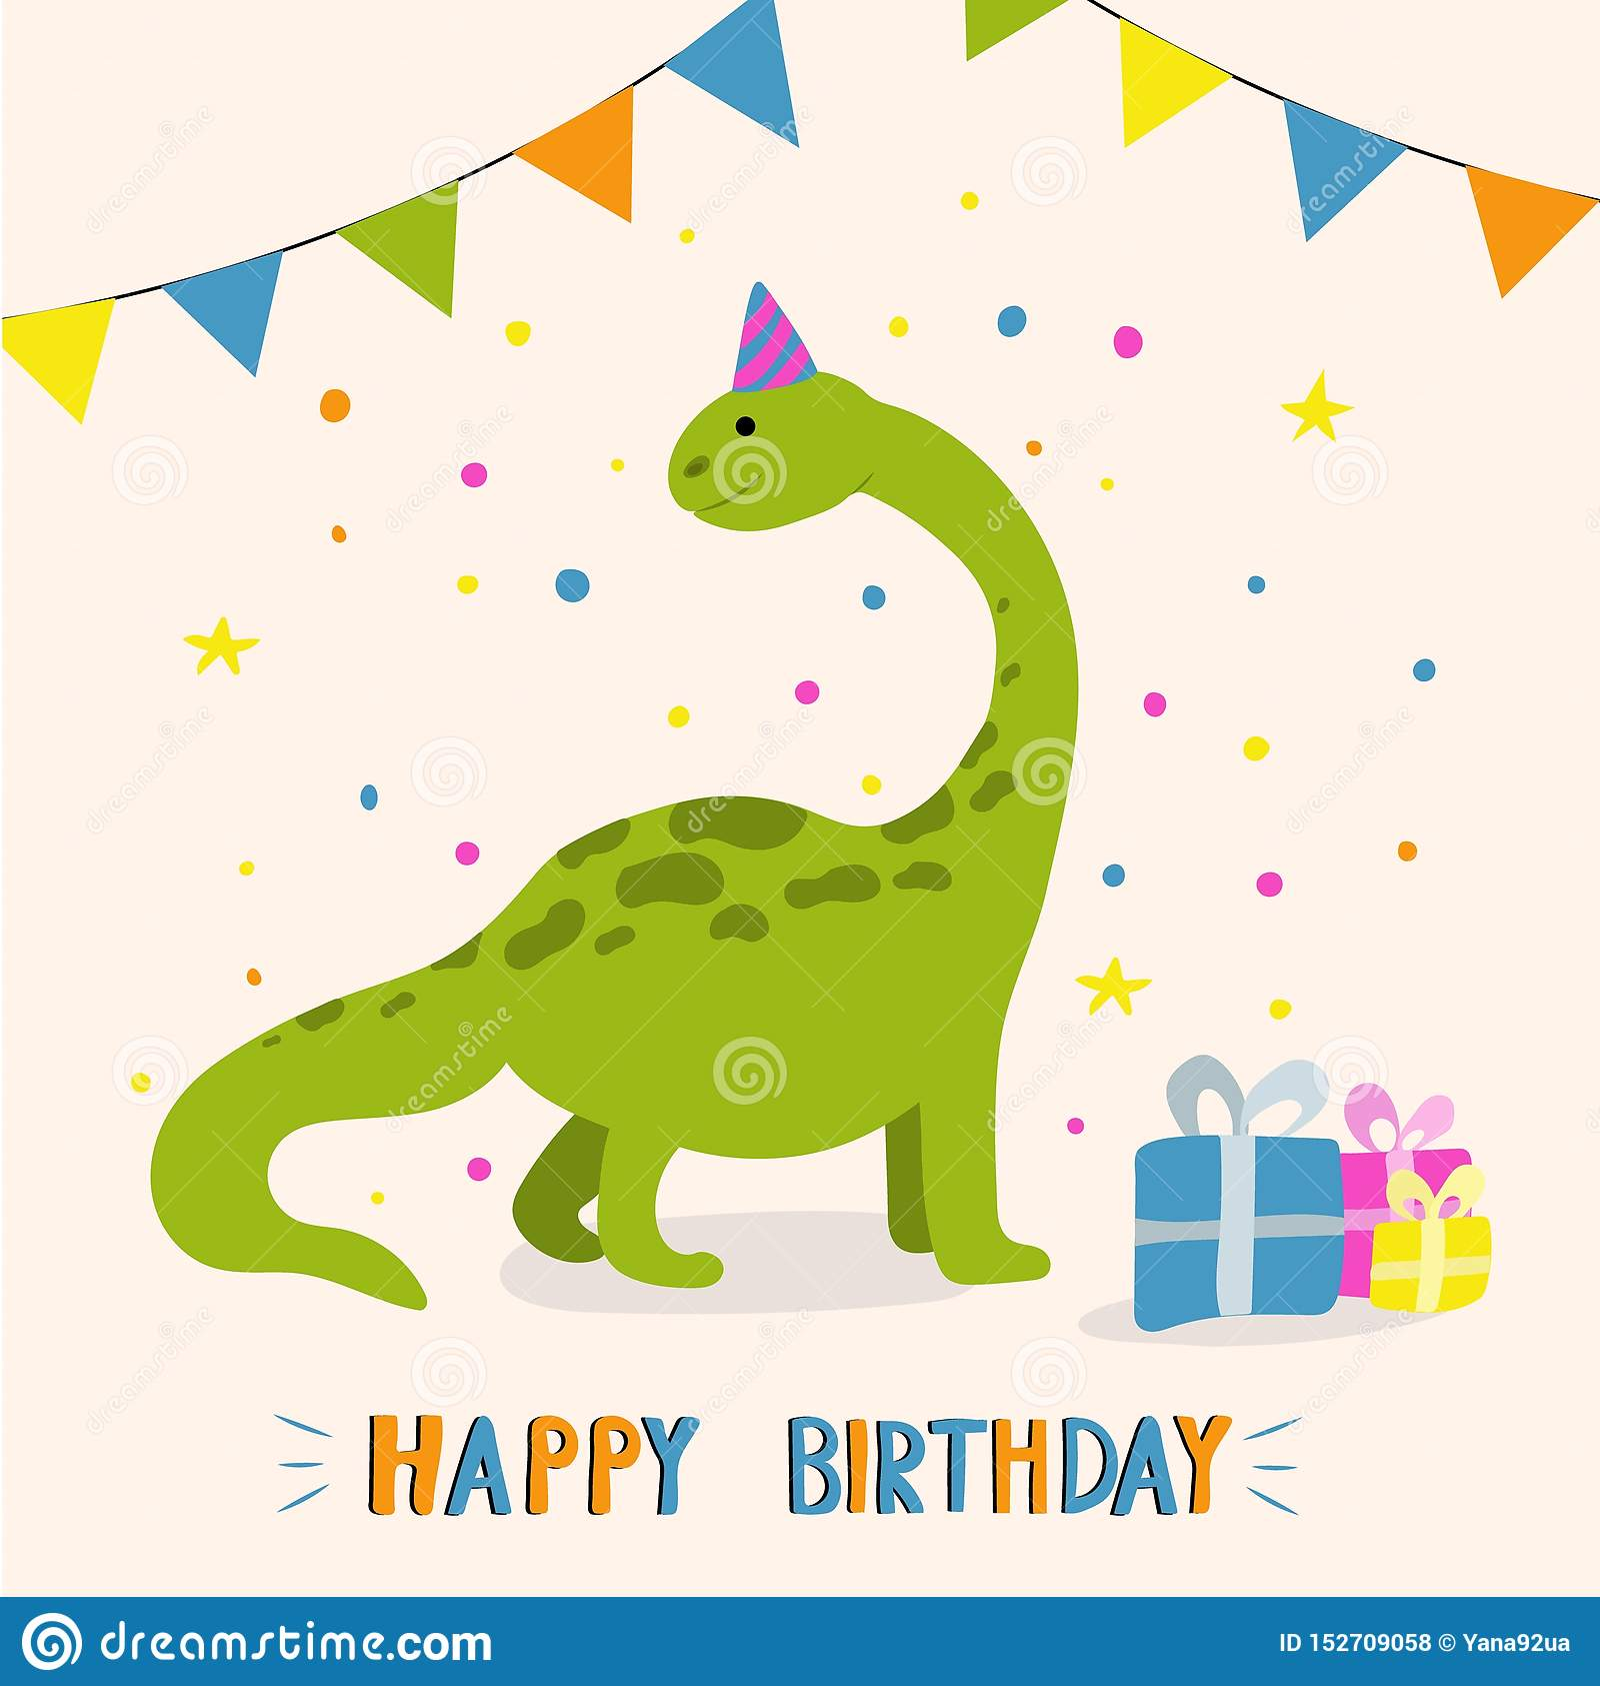 Dinosaur Mignon De Dessin Anim Carte De Voeux De Joyeux Anniversaire Illustration De Vecteur Illustration Du Voeux Dessin 152709058